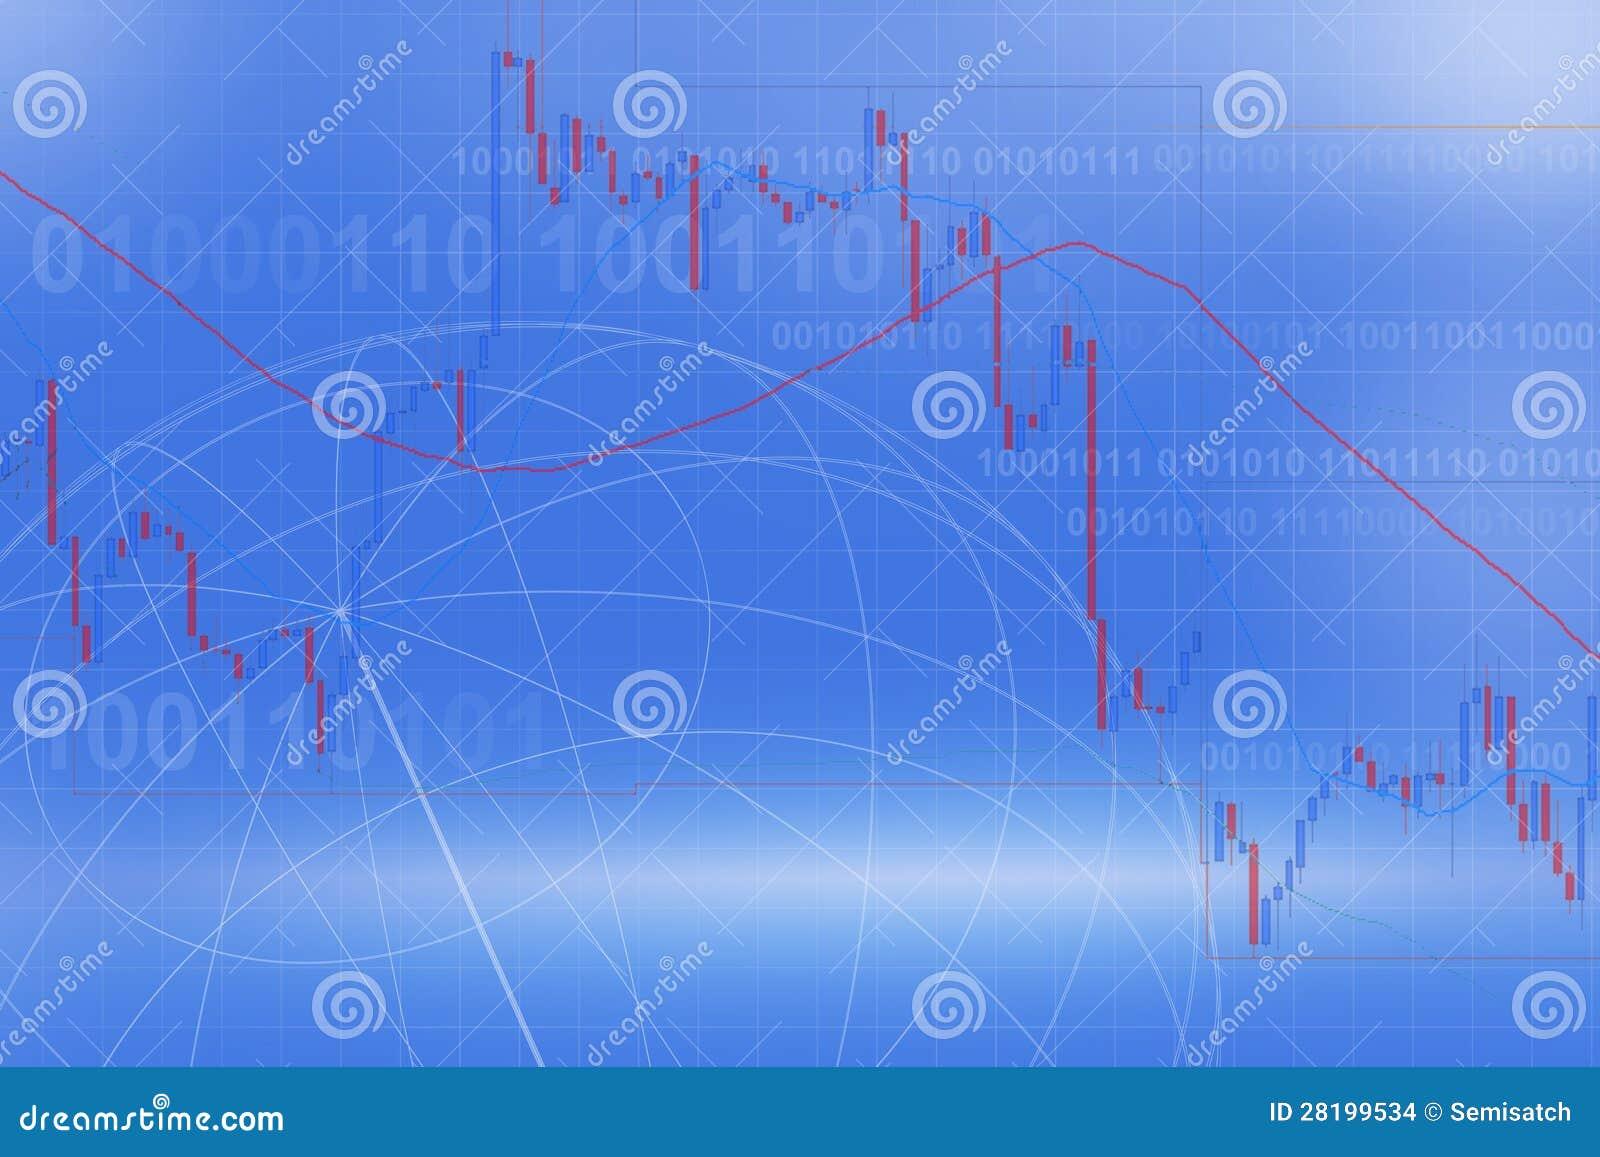 Comercio de divisas curso